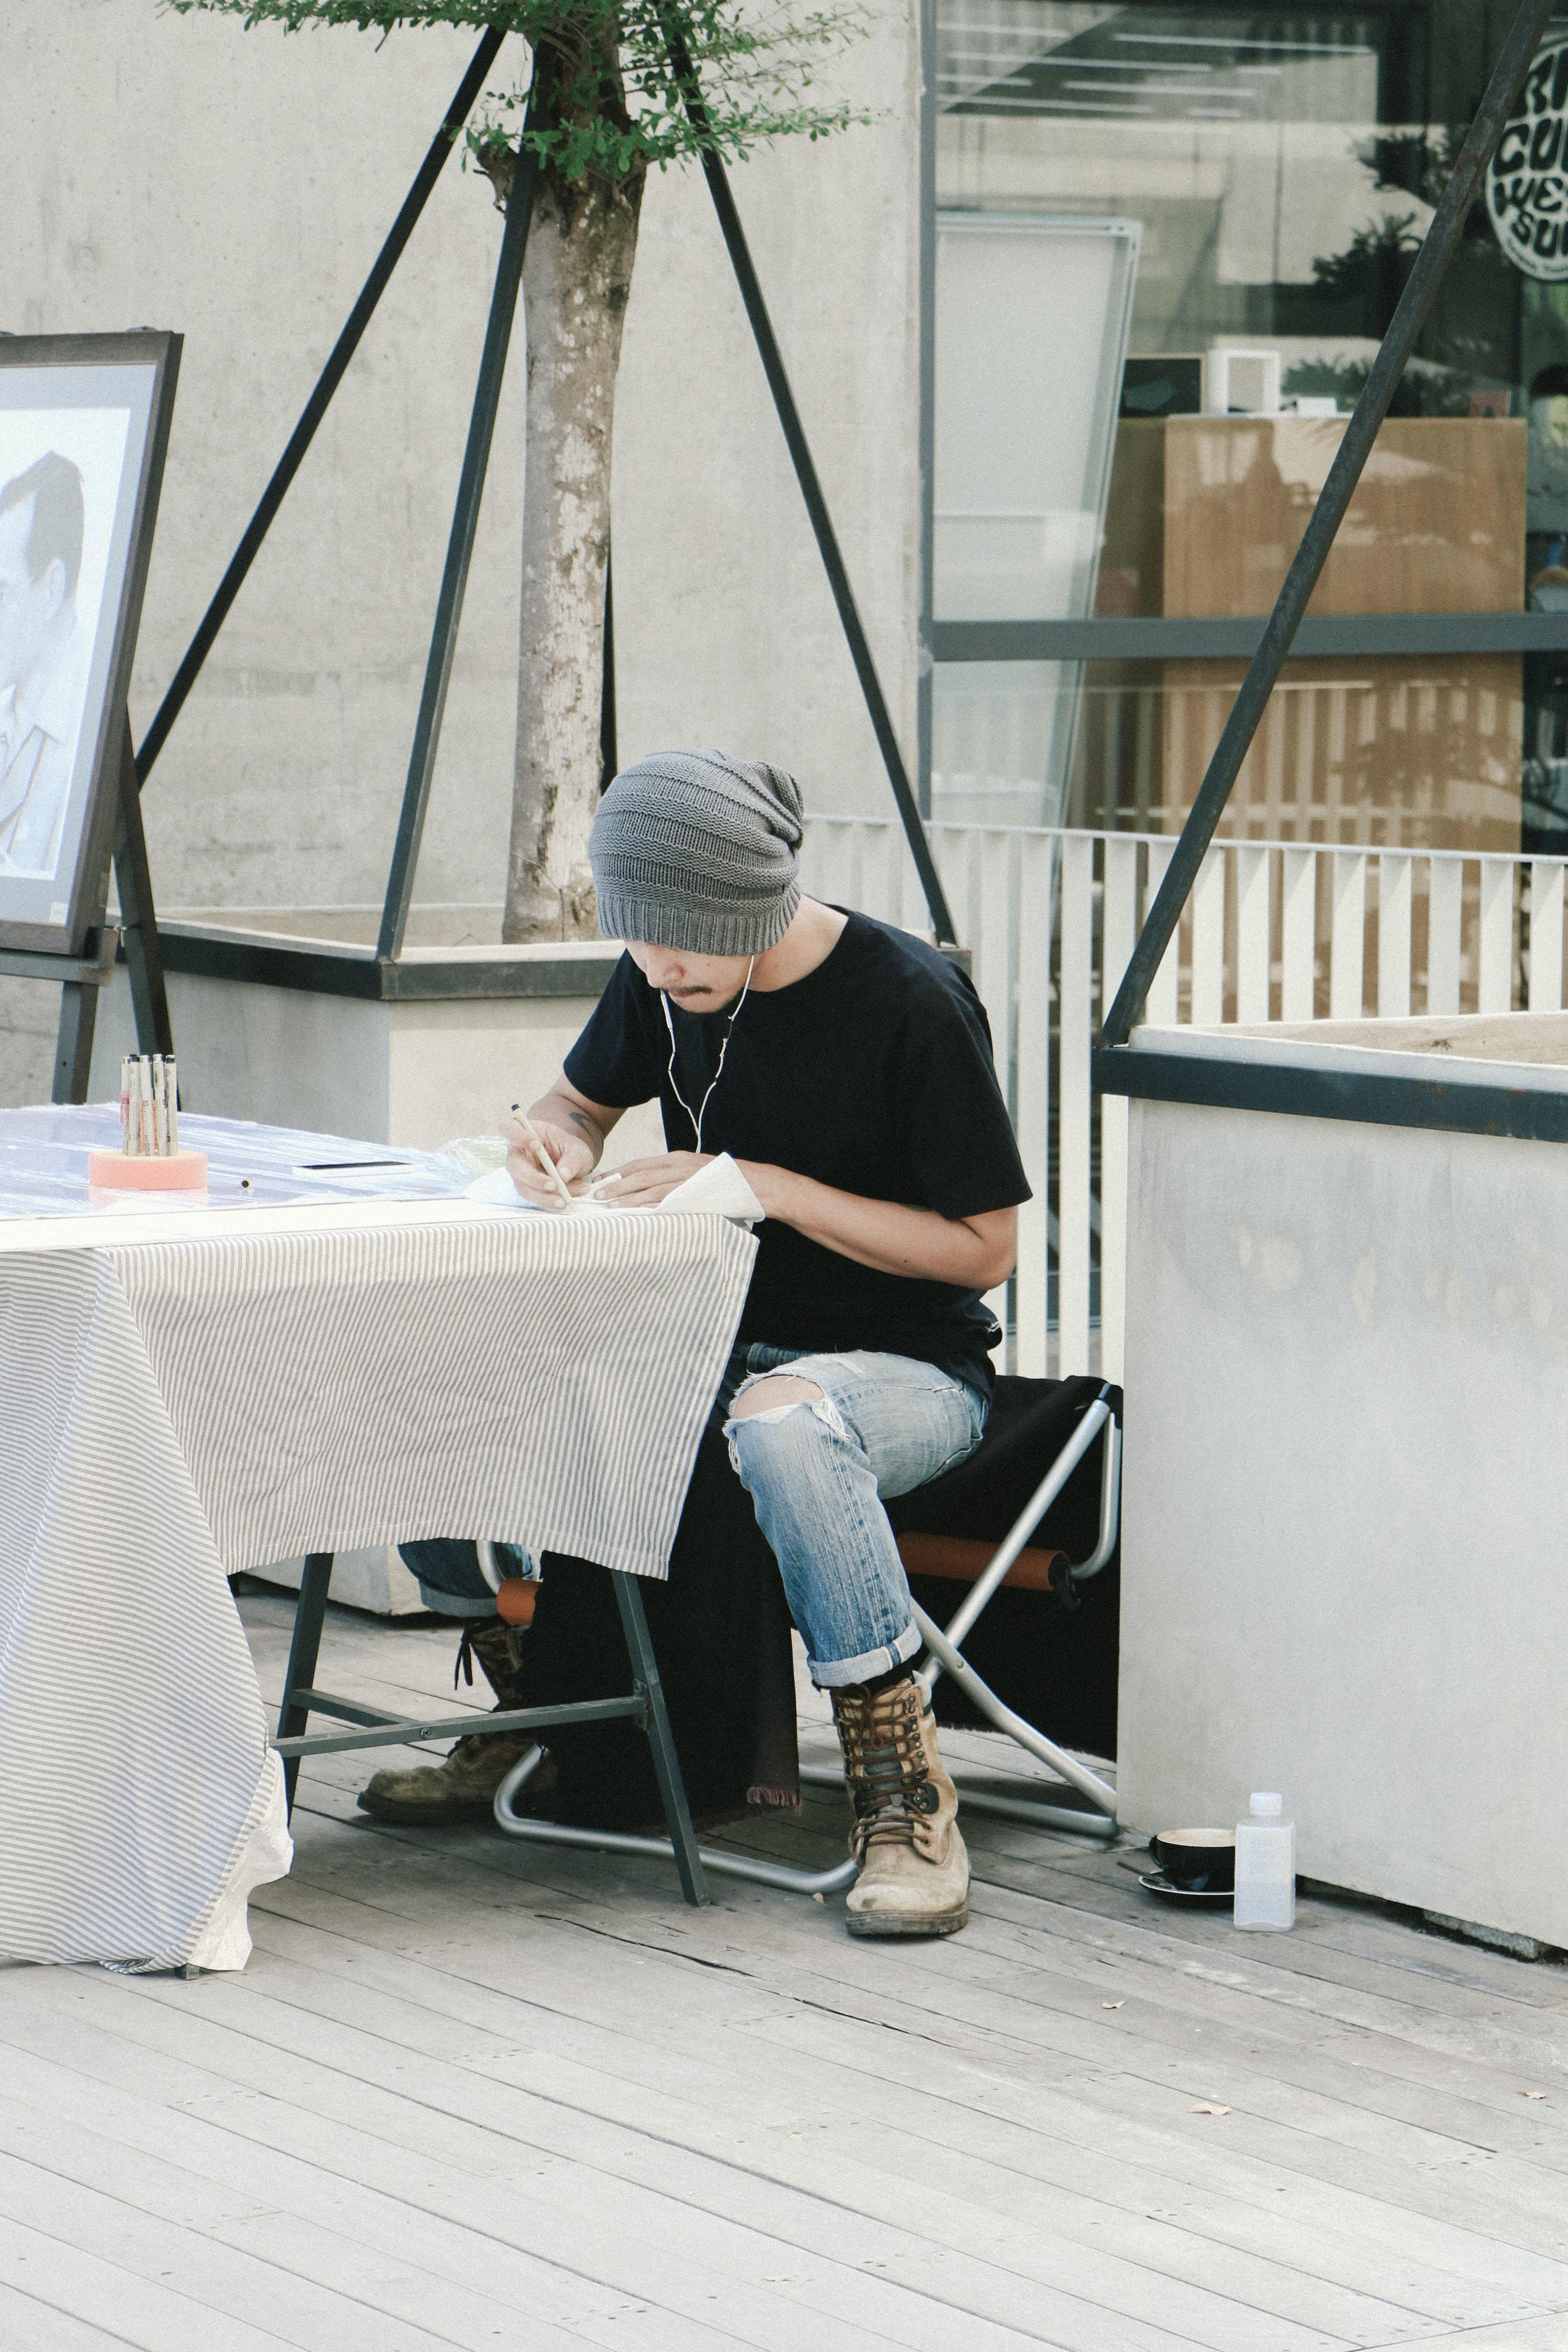 man writing on white printer paper